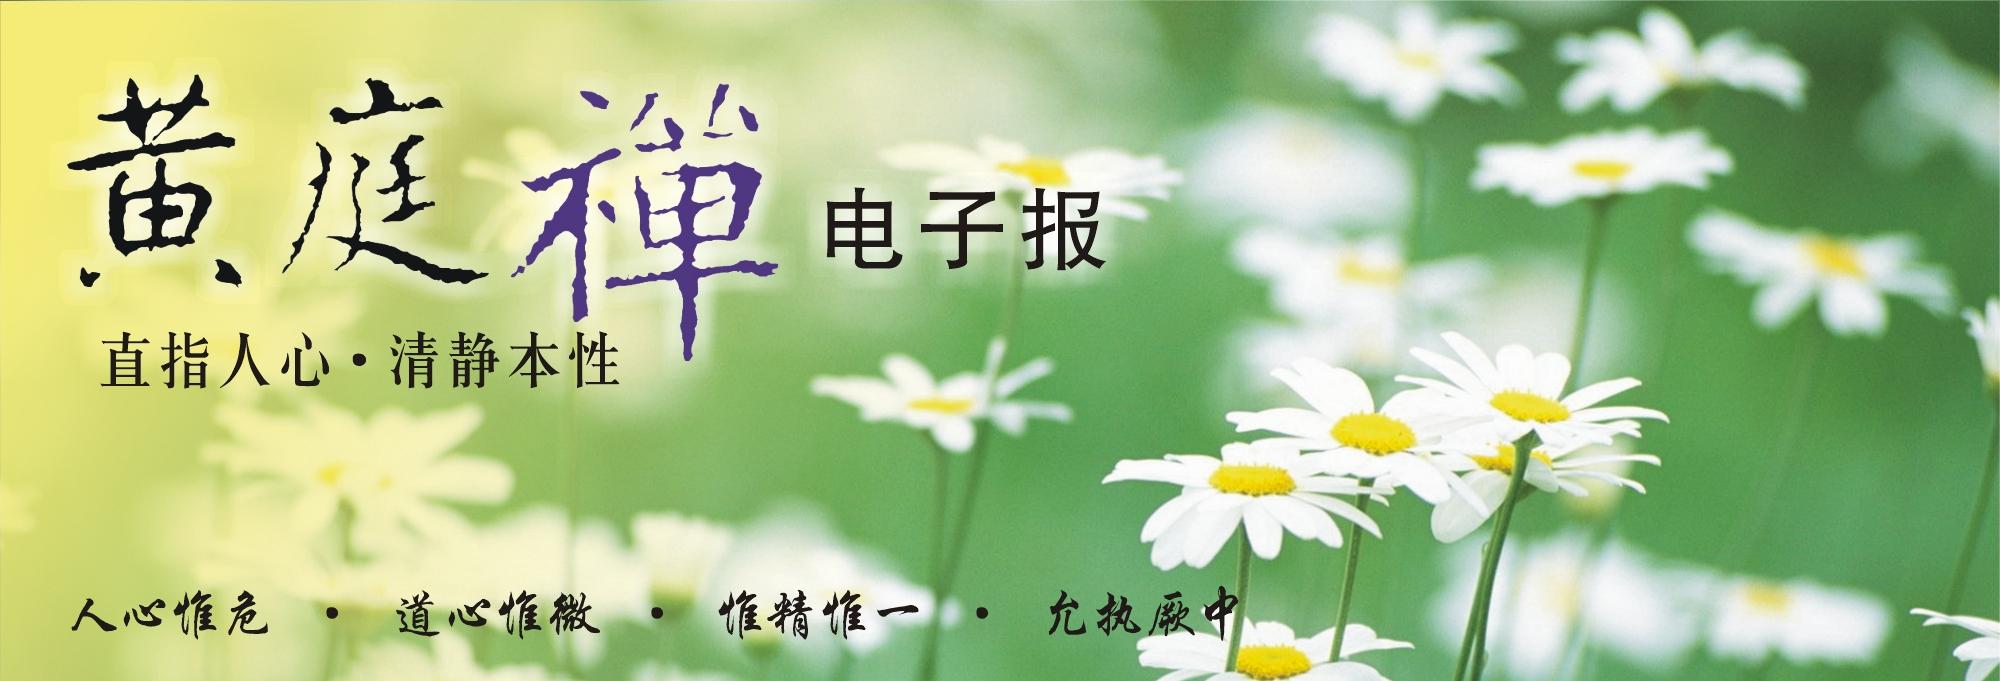 中华黄庭禅学会2014.06.11电子报